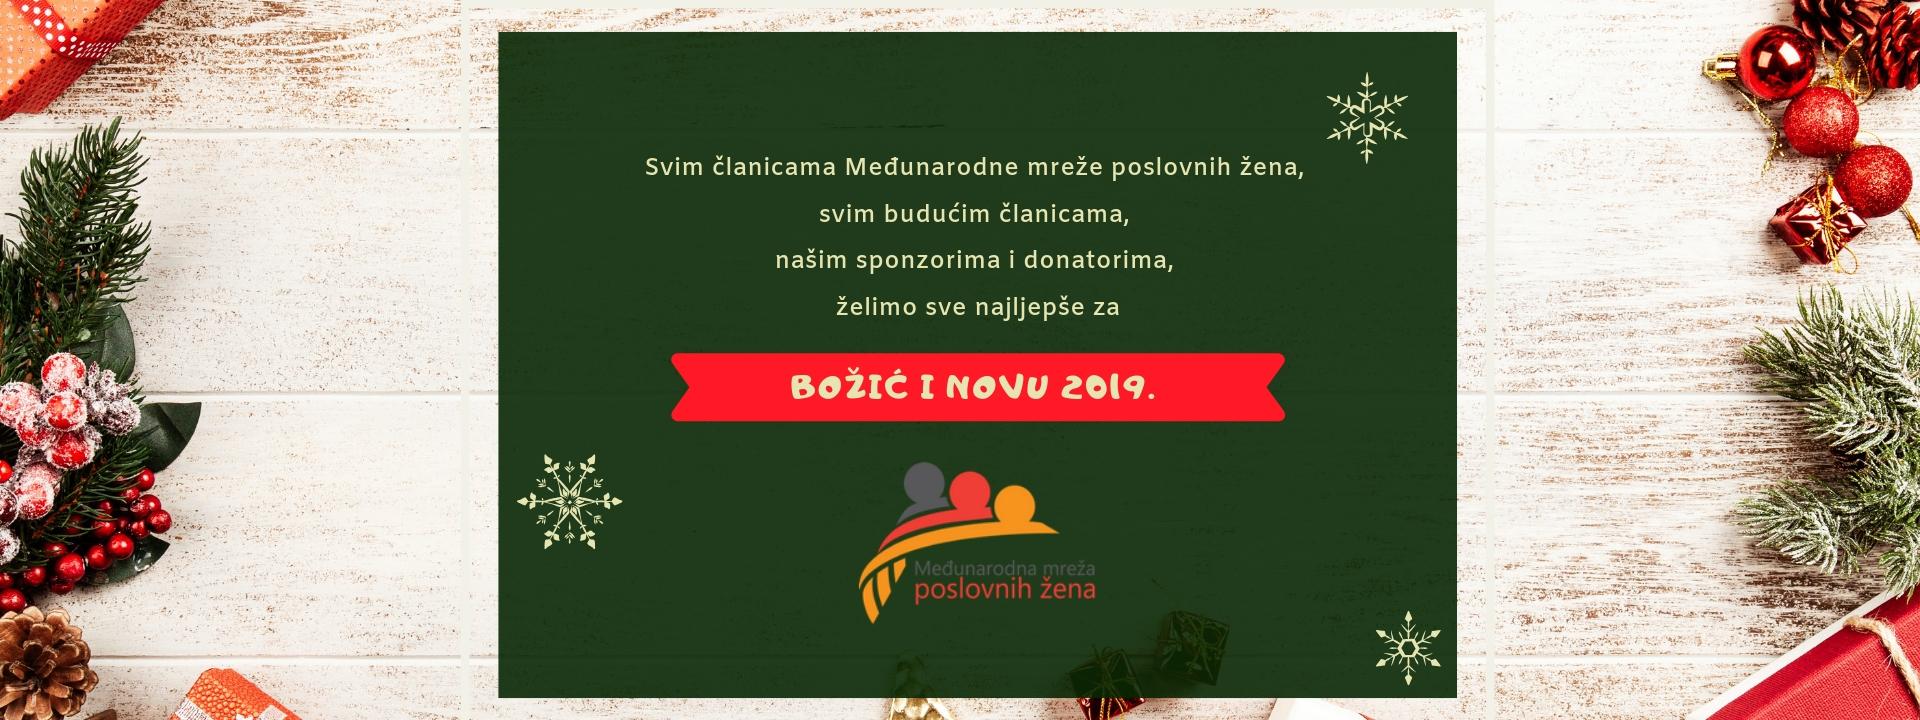 MMPŽ Blagdanska